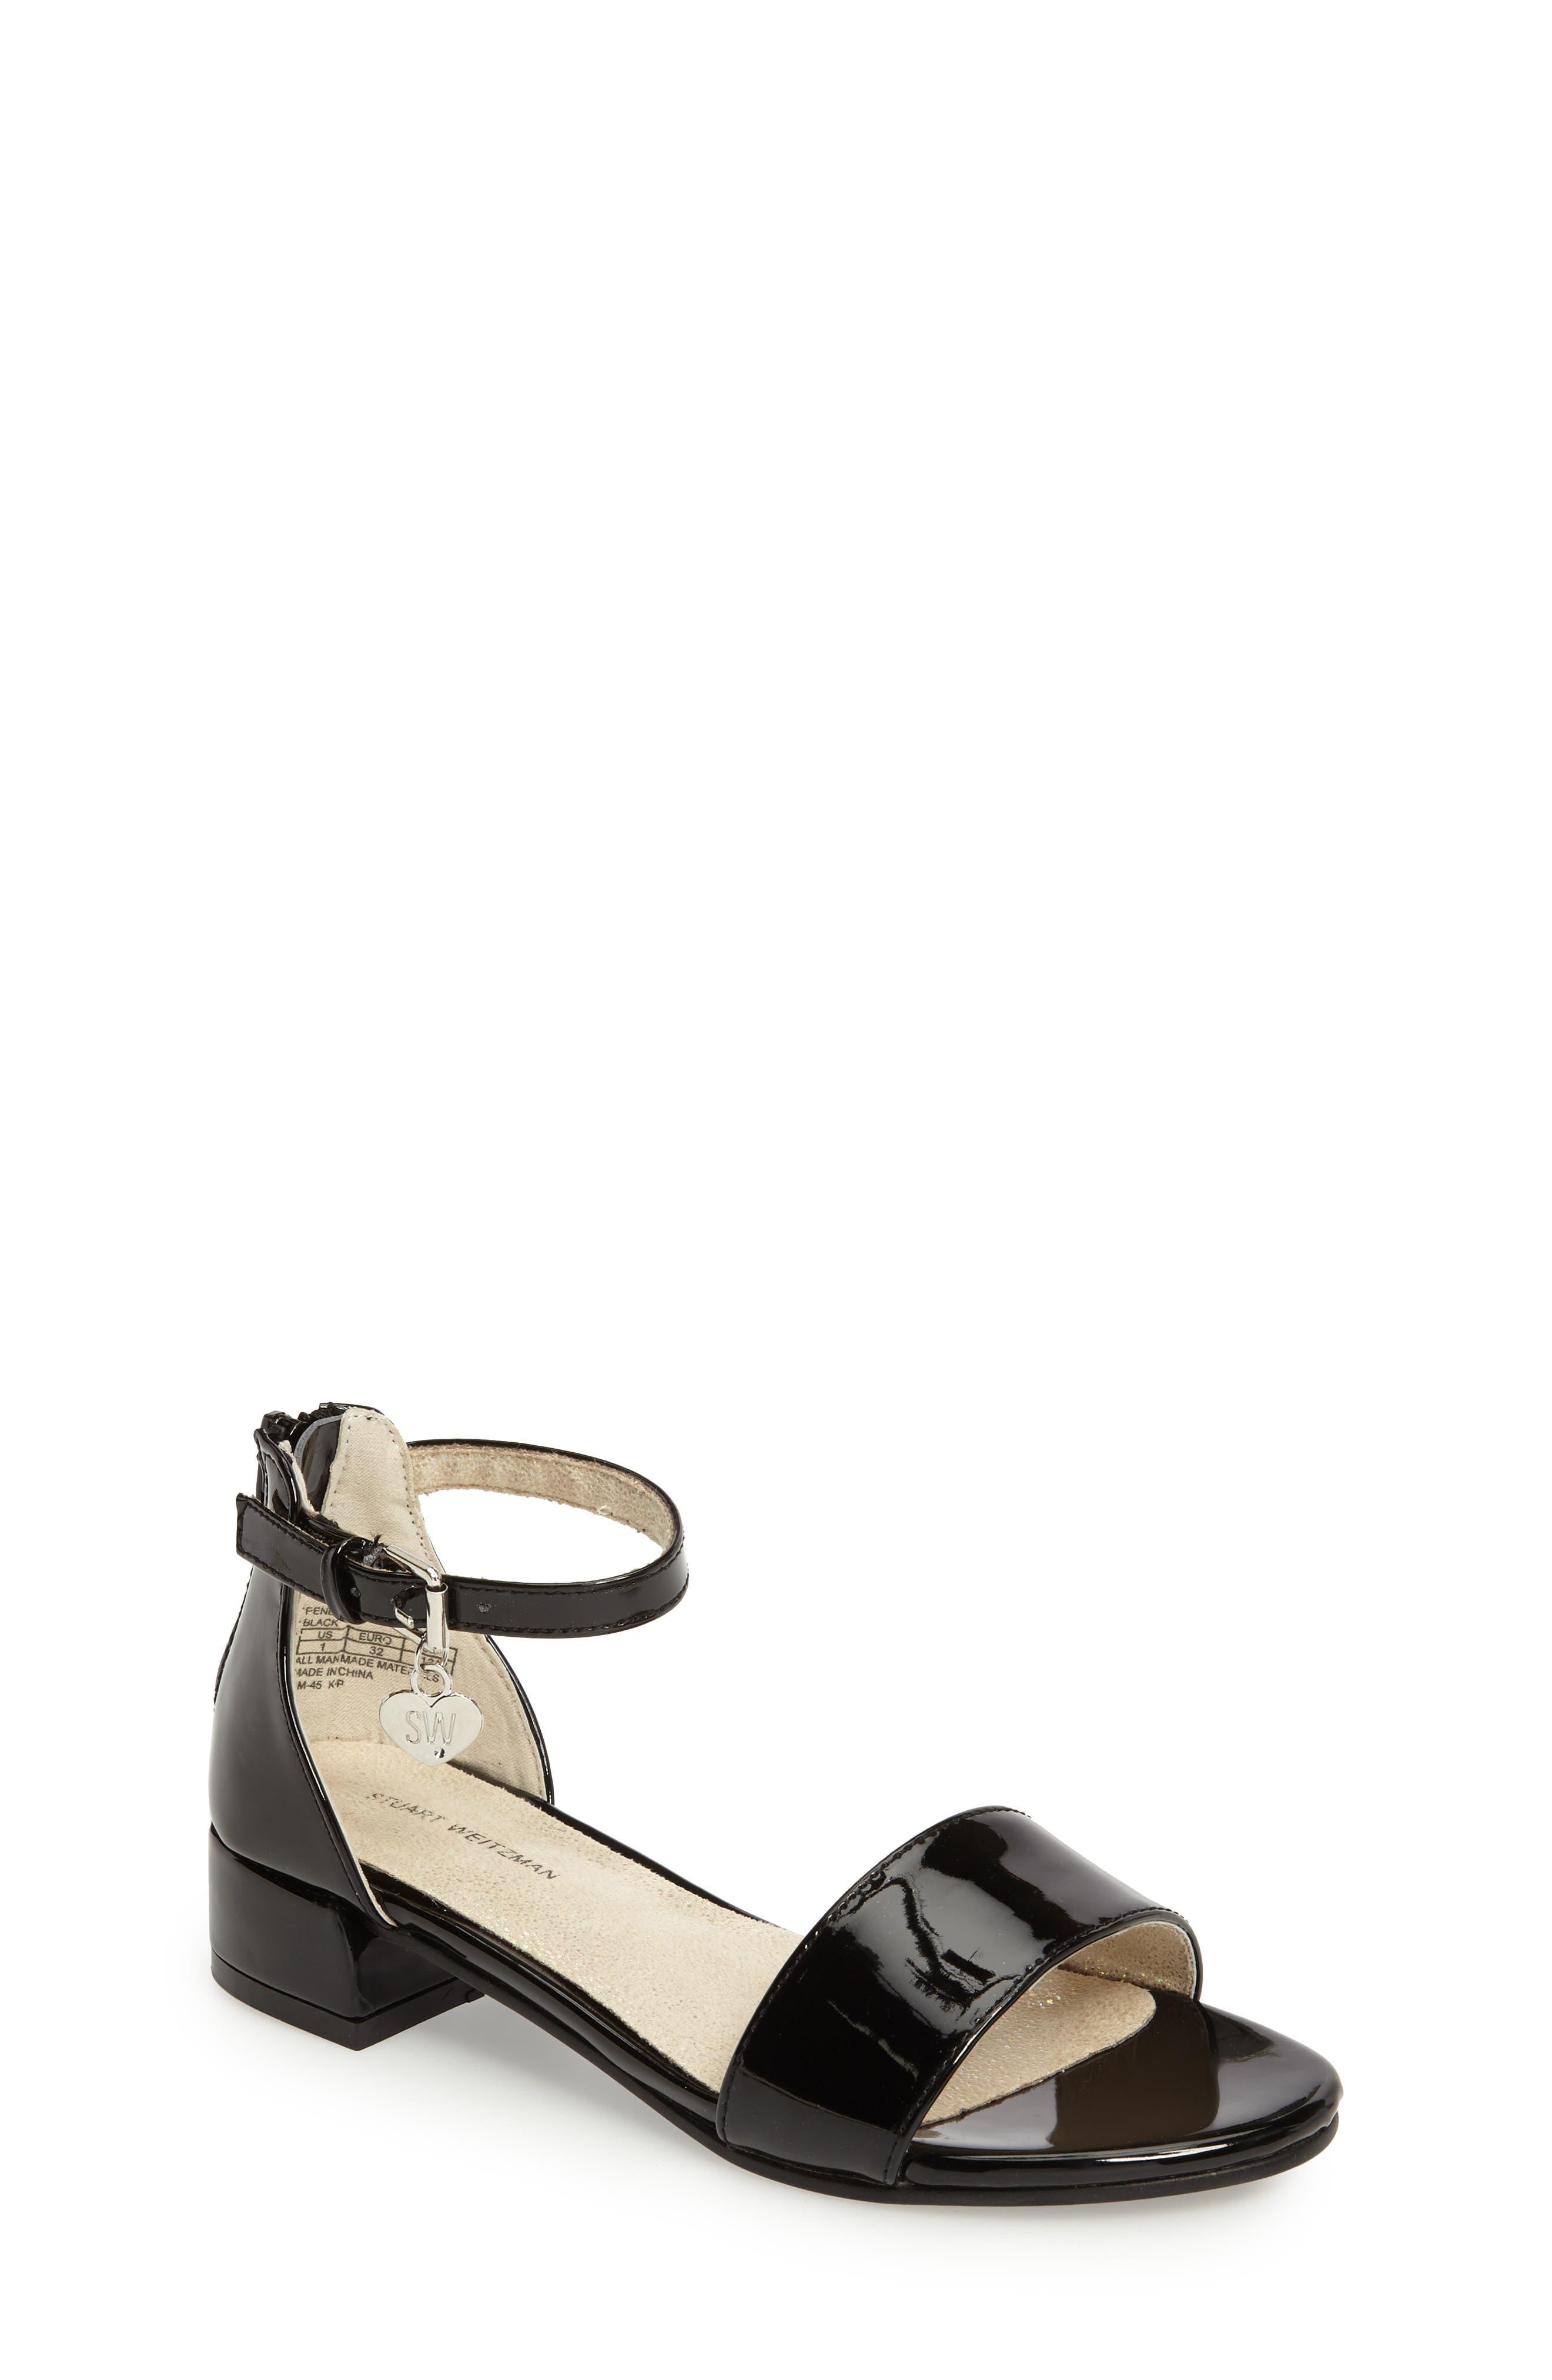 STUART WEITZMAN Penelope Nola Sandal, Main, color, BLACK FAUX PATENT